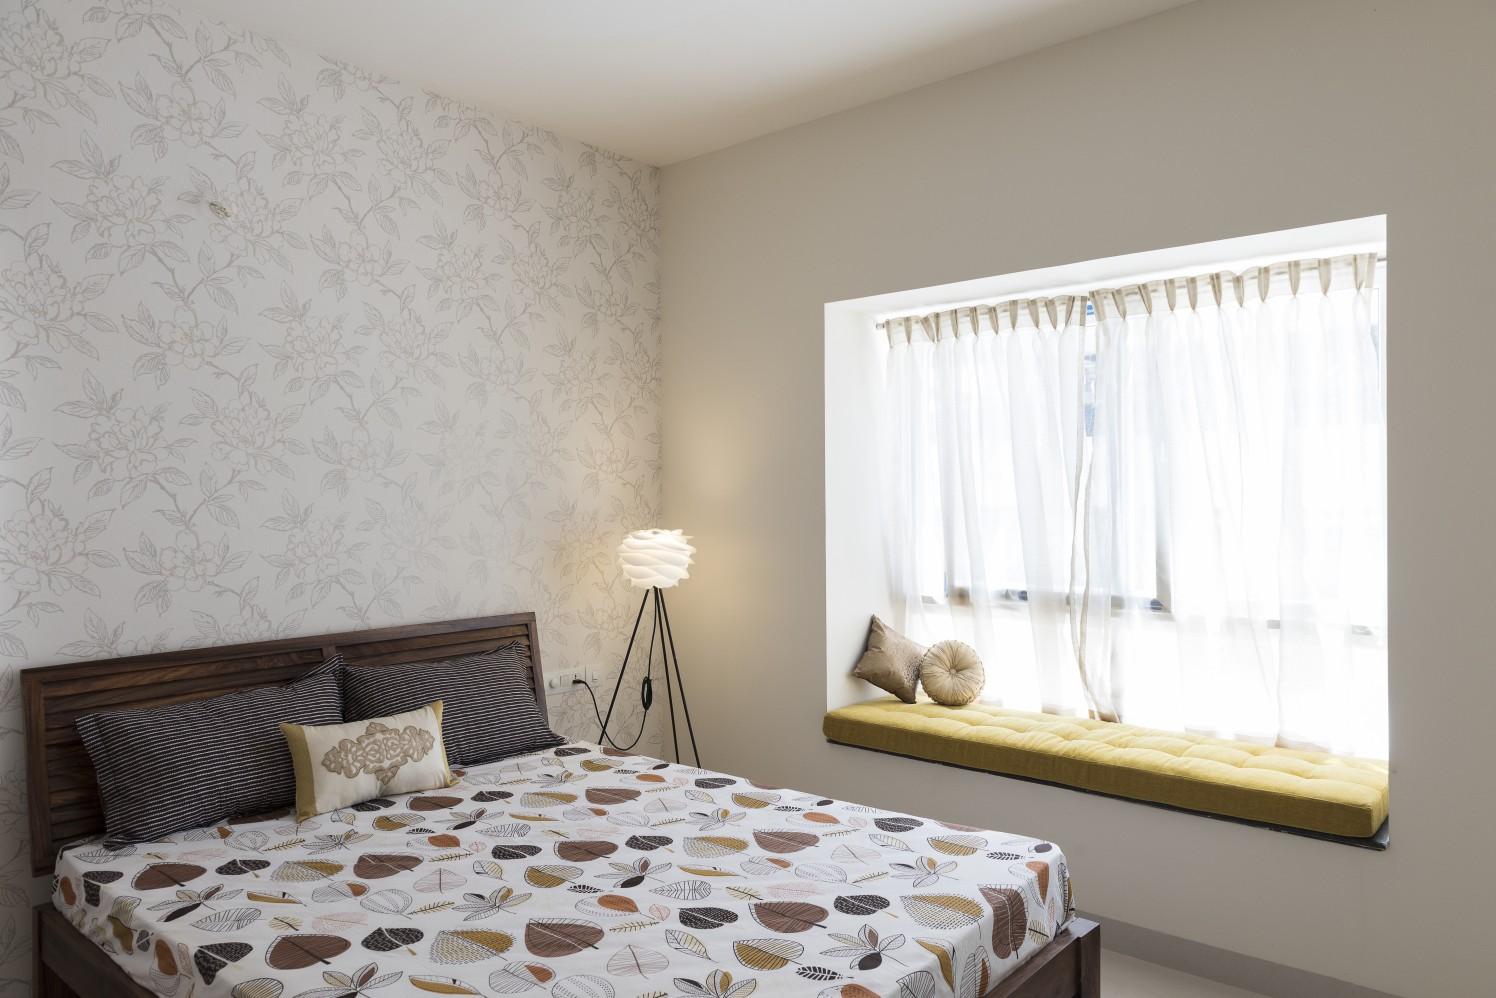 The Veneer Contrast by HomeLane Bedroom Contemporary | Interior Design Photos & Ideas